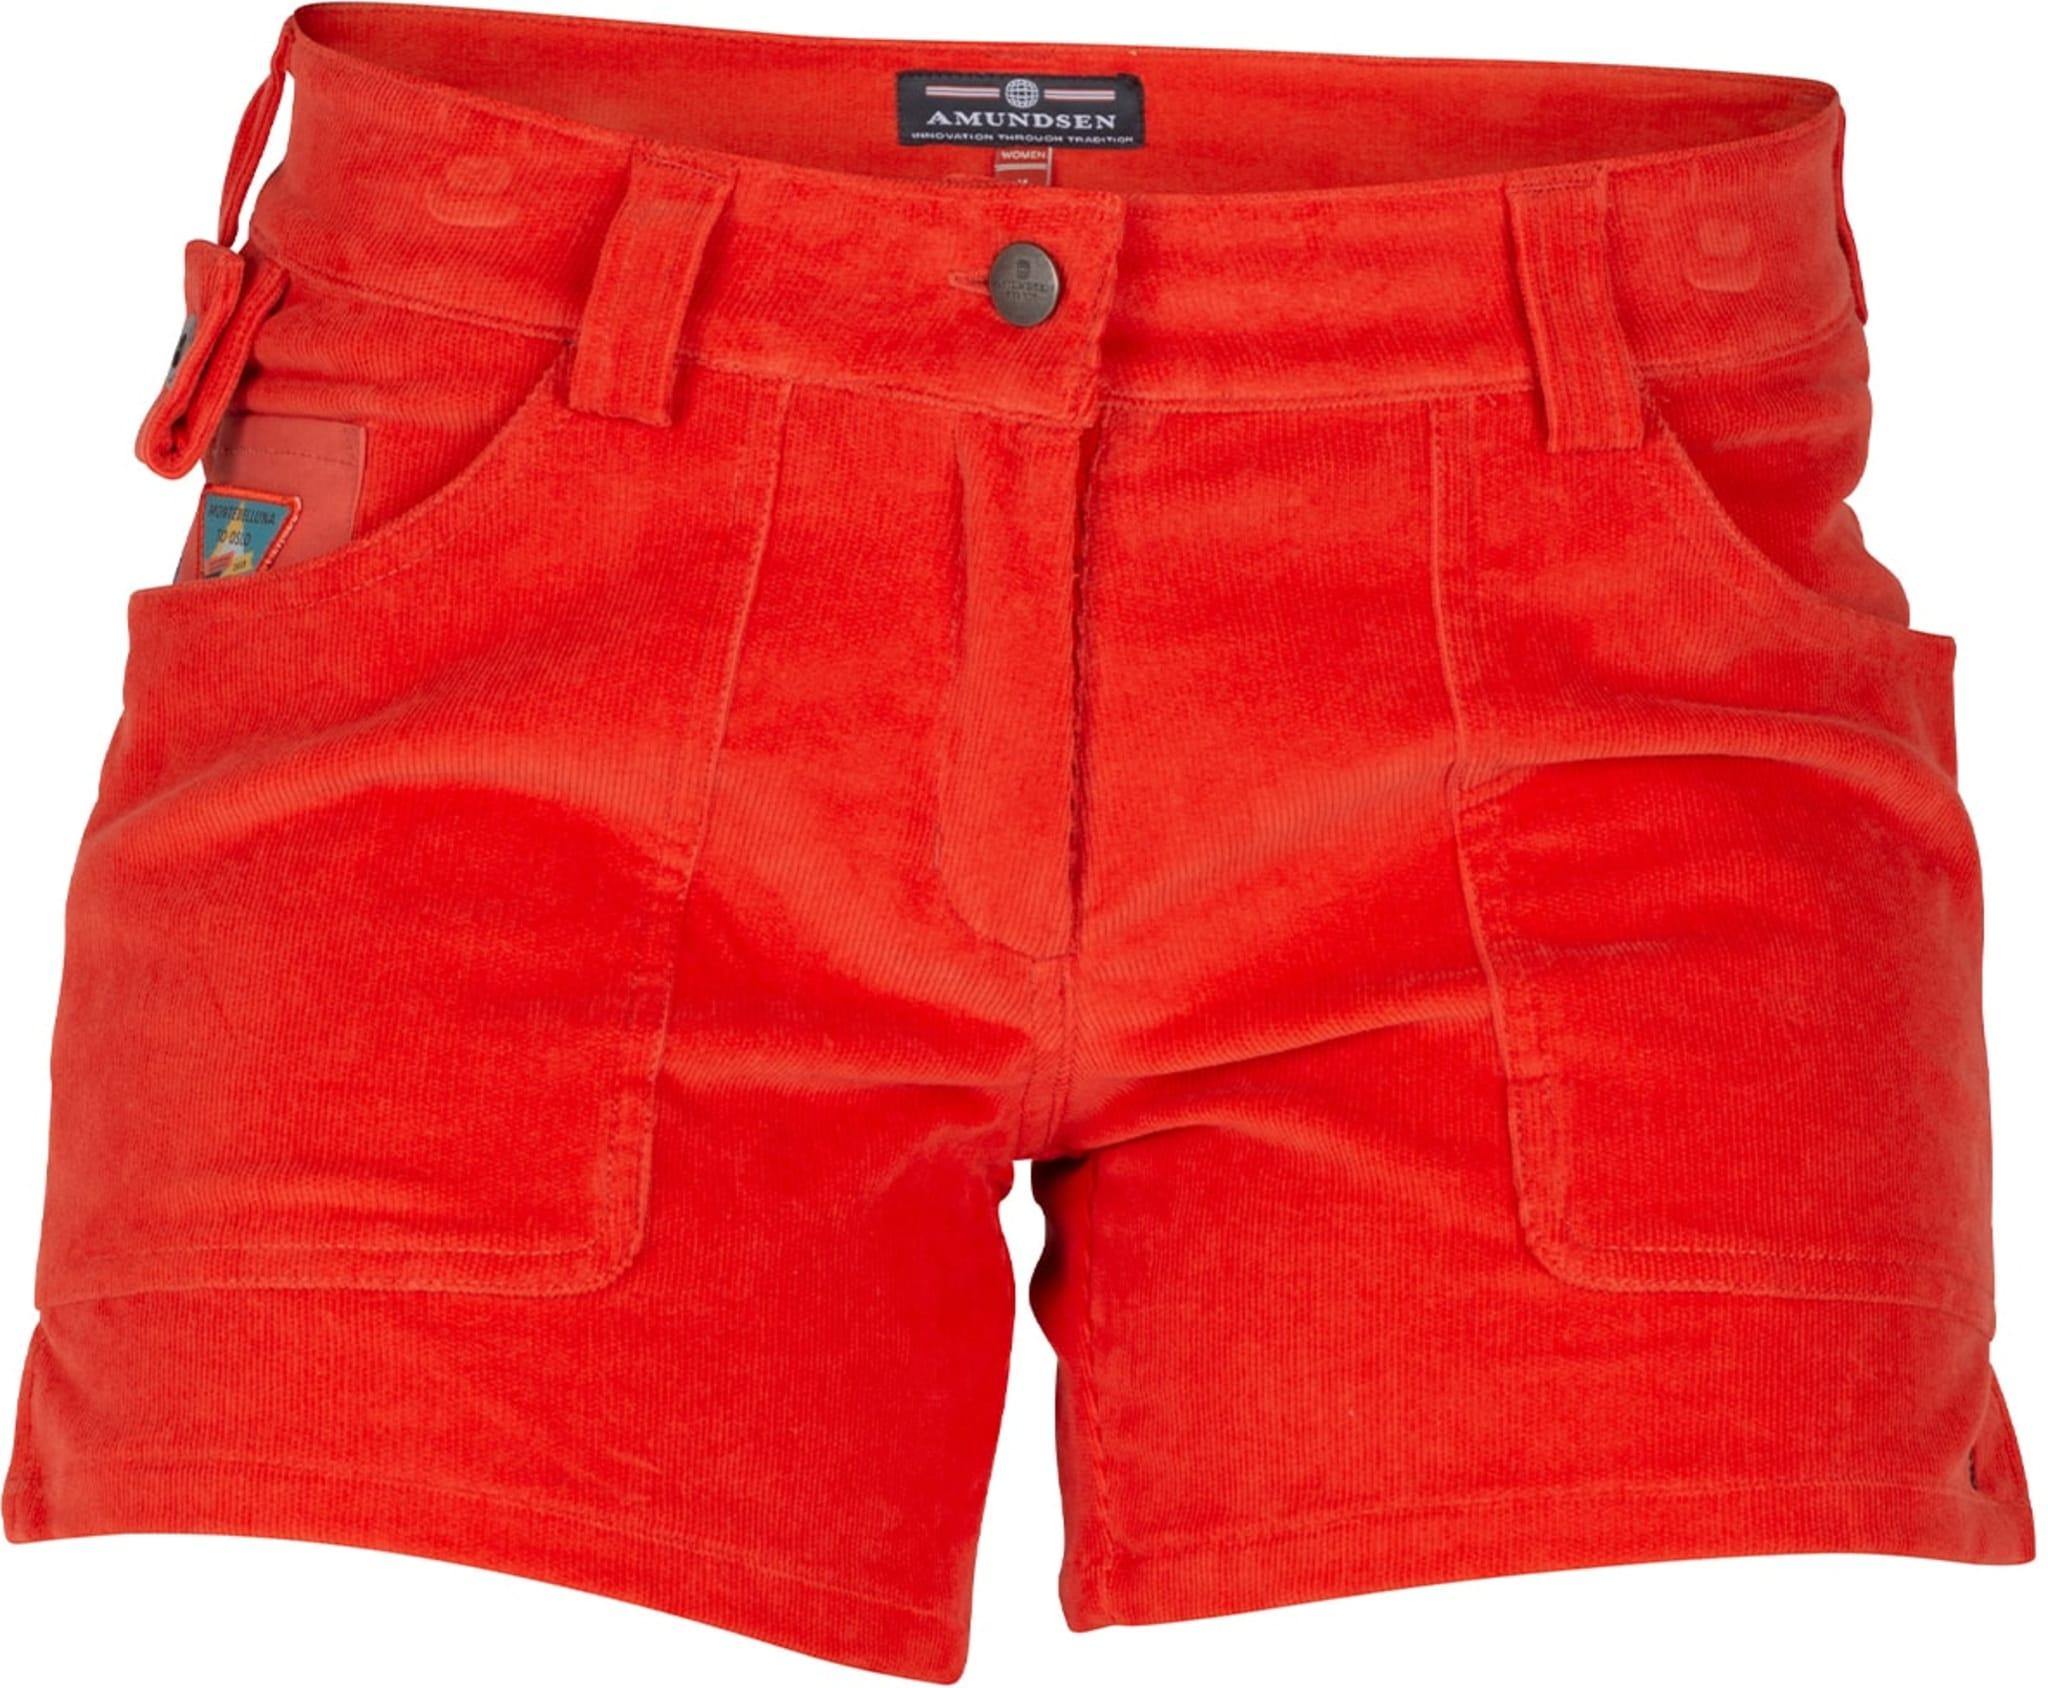 Shorts i stretchy kordfløyel